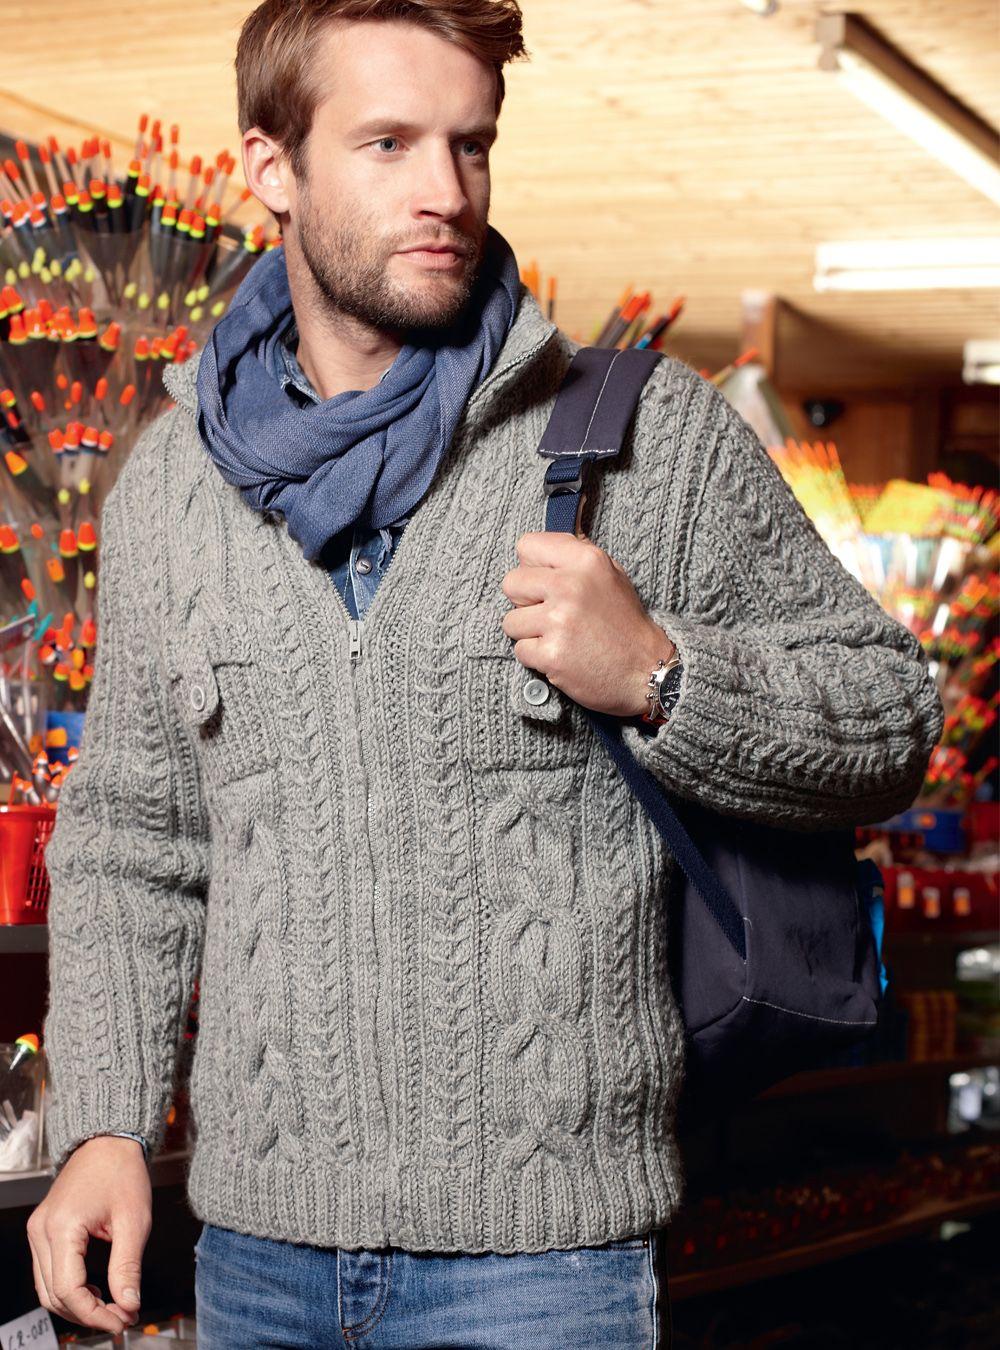 5c823a80a5eee Мужская кофта с накладными карманами - схема вязания спицами. Вяжем Кофты  на Verena.ru